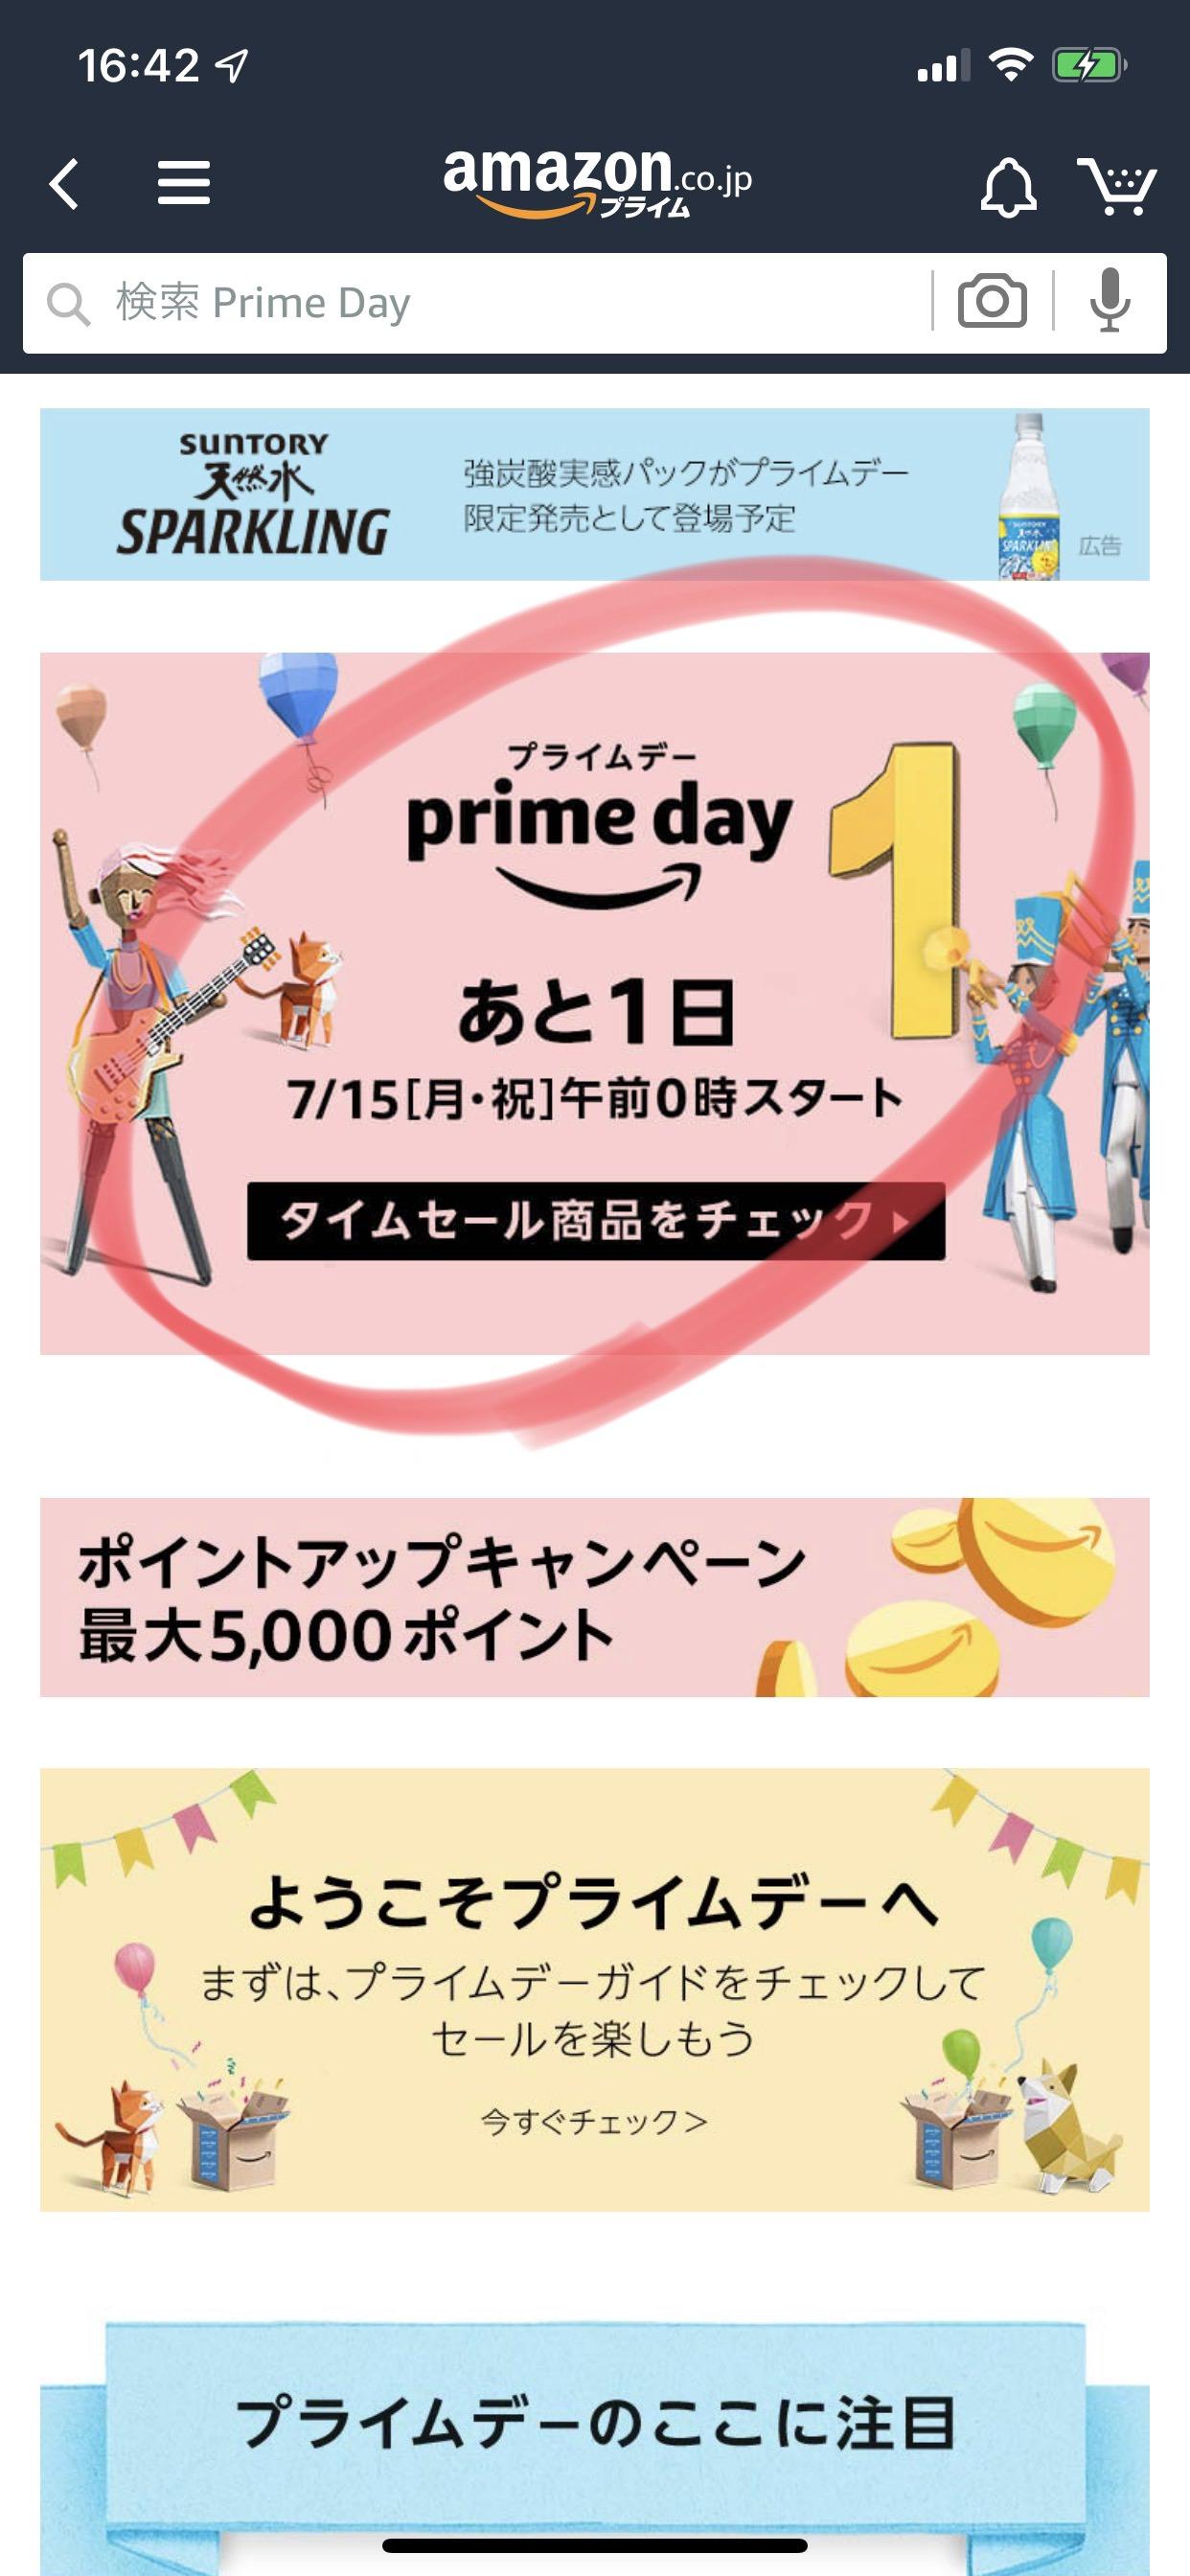 amazon-primeday-2019-2